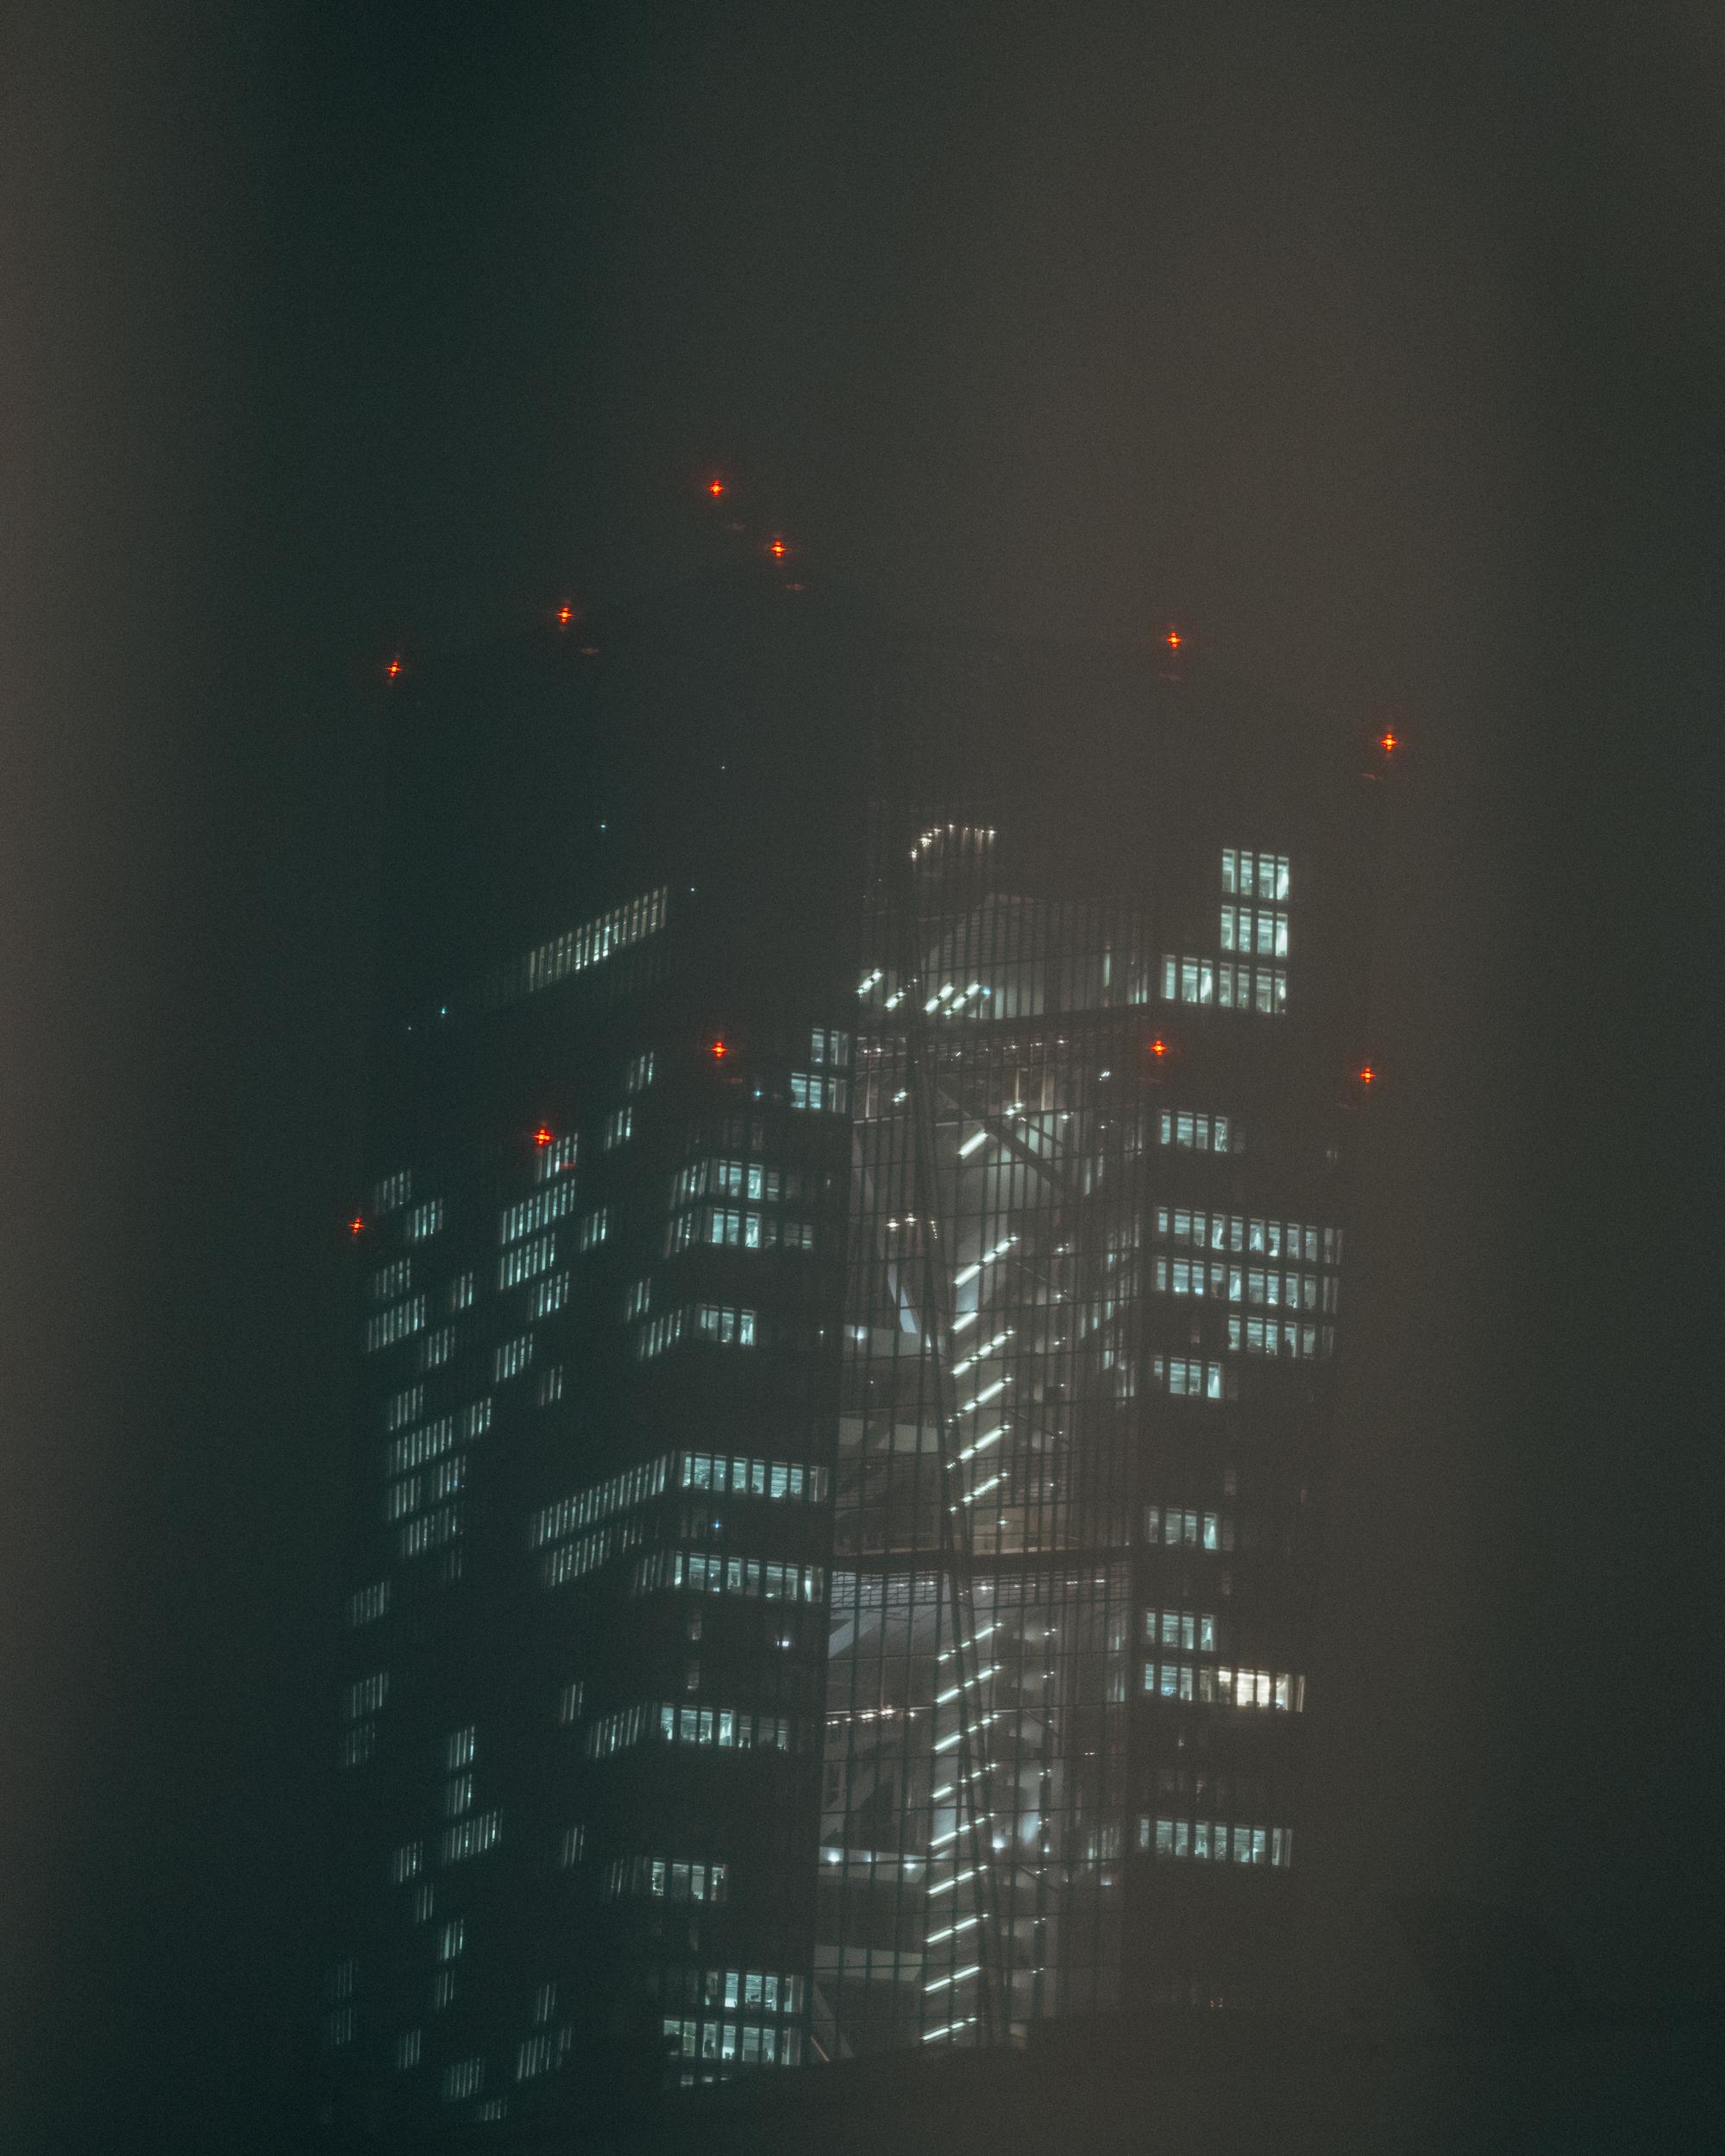 In vielen Punkten unterscheiden sich die Jungen und ihre Geschichten. Was sie vereint ist der Wohnort- Frankfurt am Main mit seinen glänzenden Hochhäusern, wie hier die europäische Zentralbank. Foto: Mario Wezel